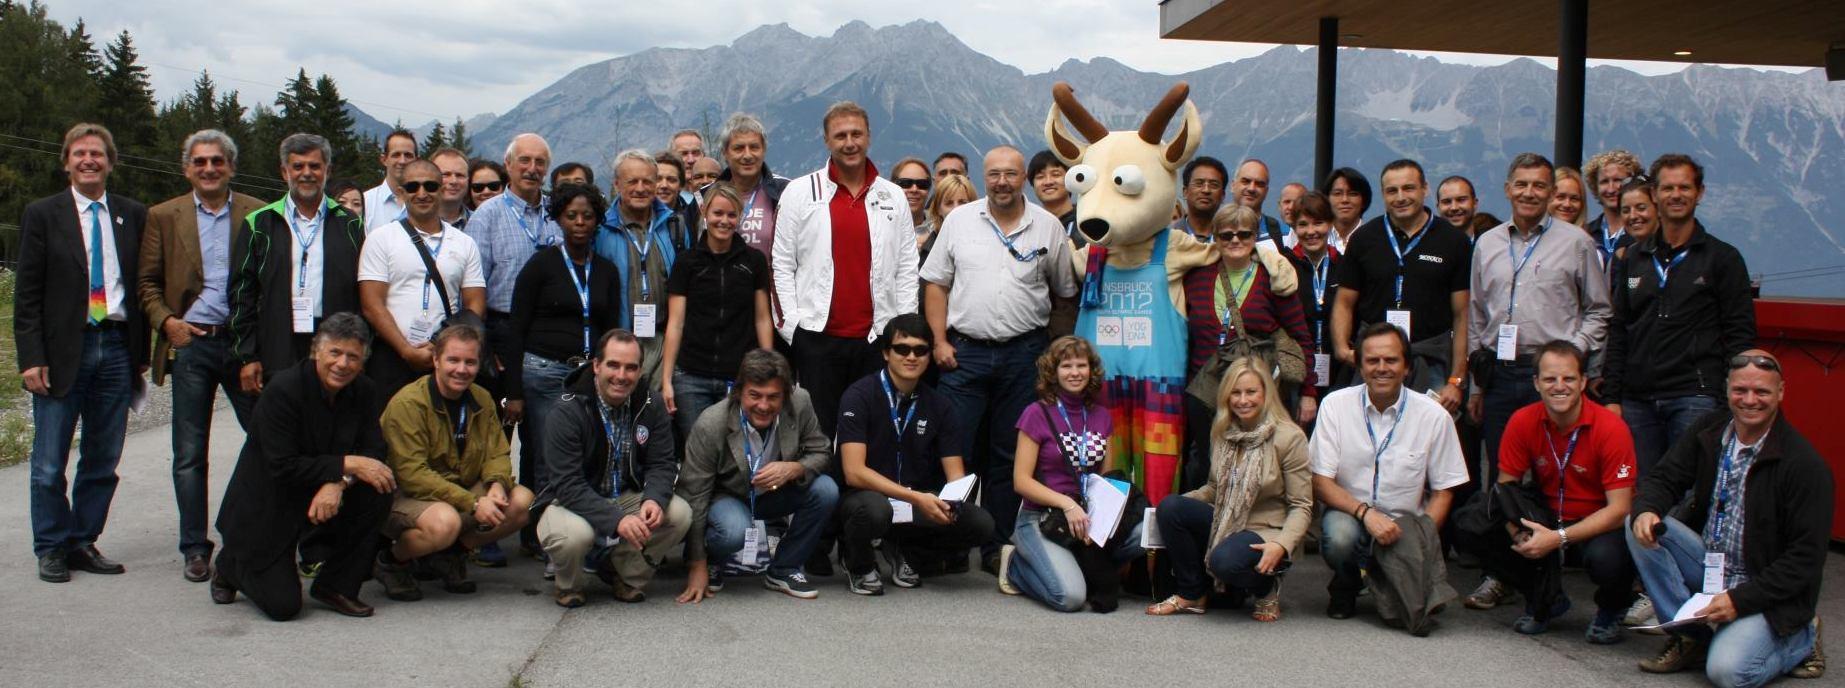 Innsbruck_2012_chef_de_missions_seminar_September_2011